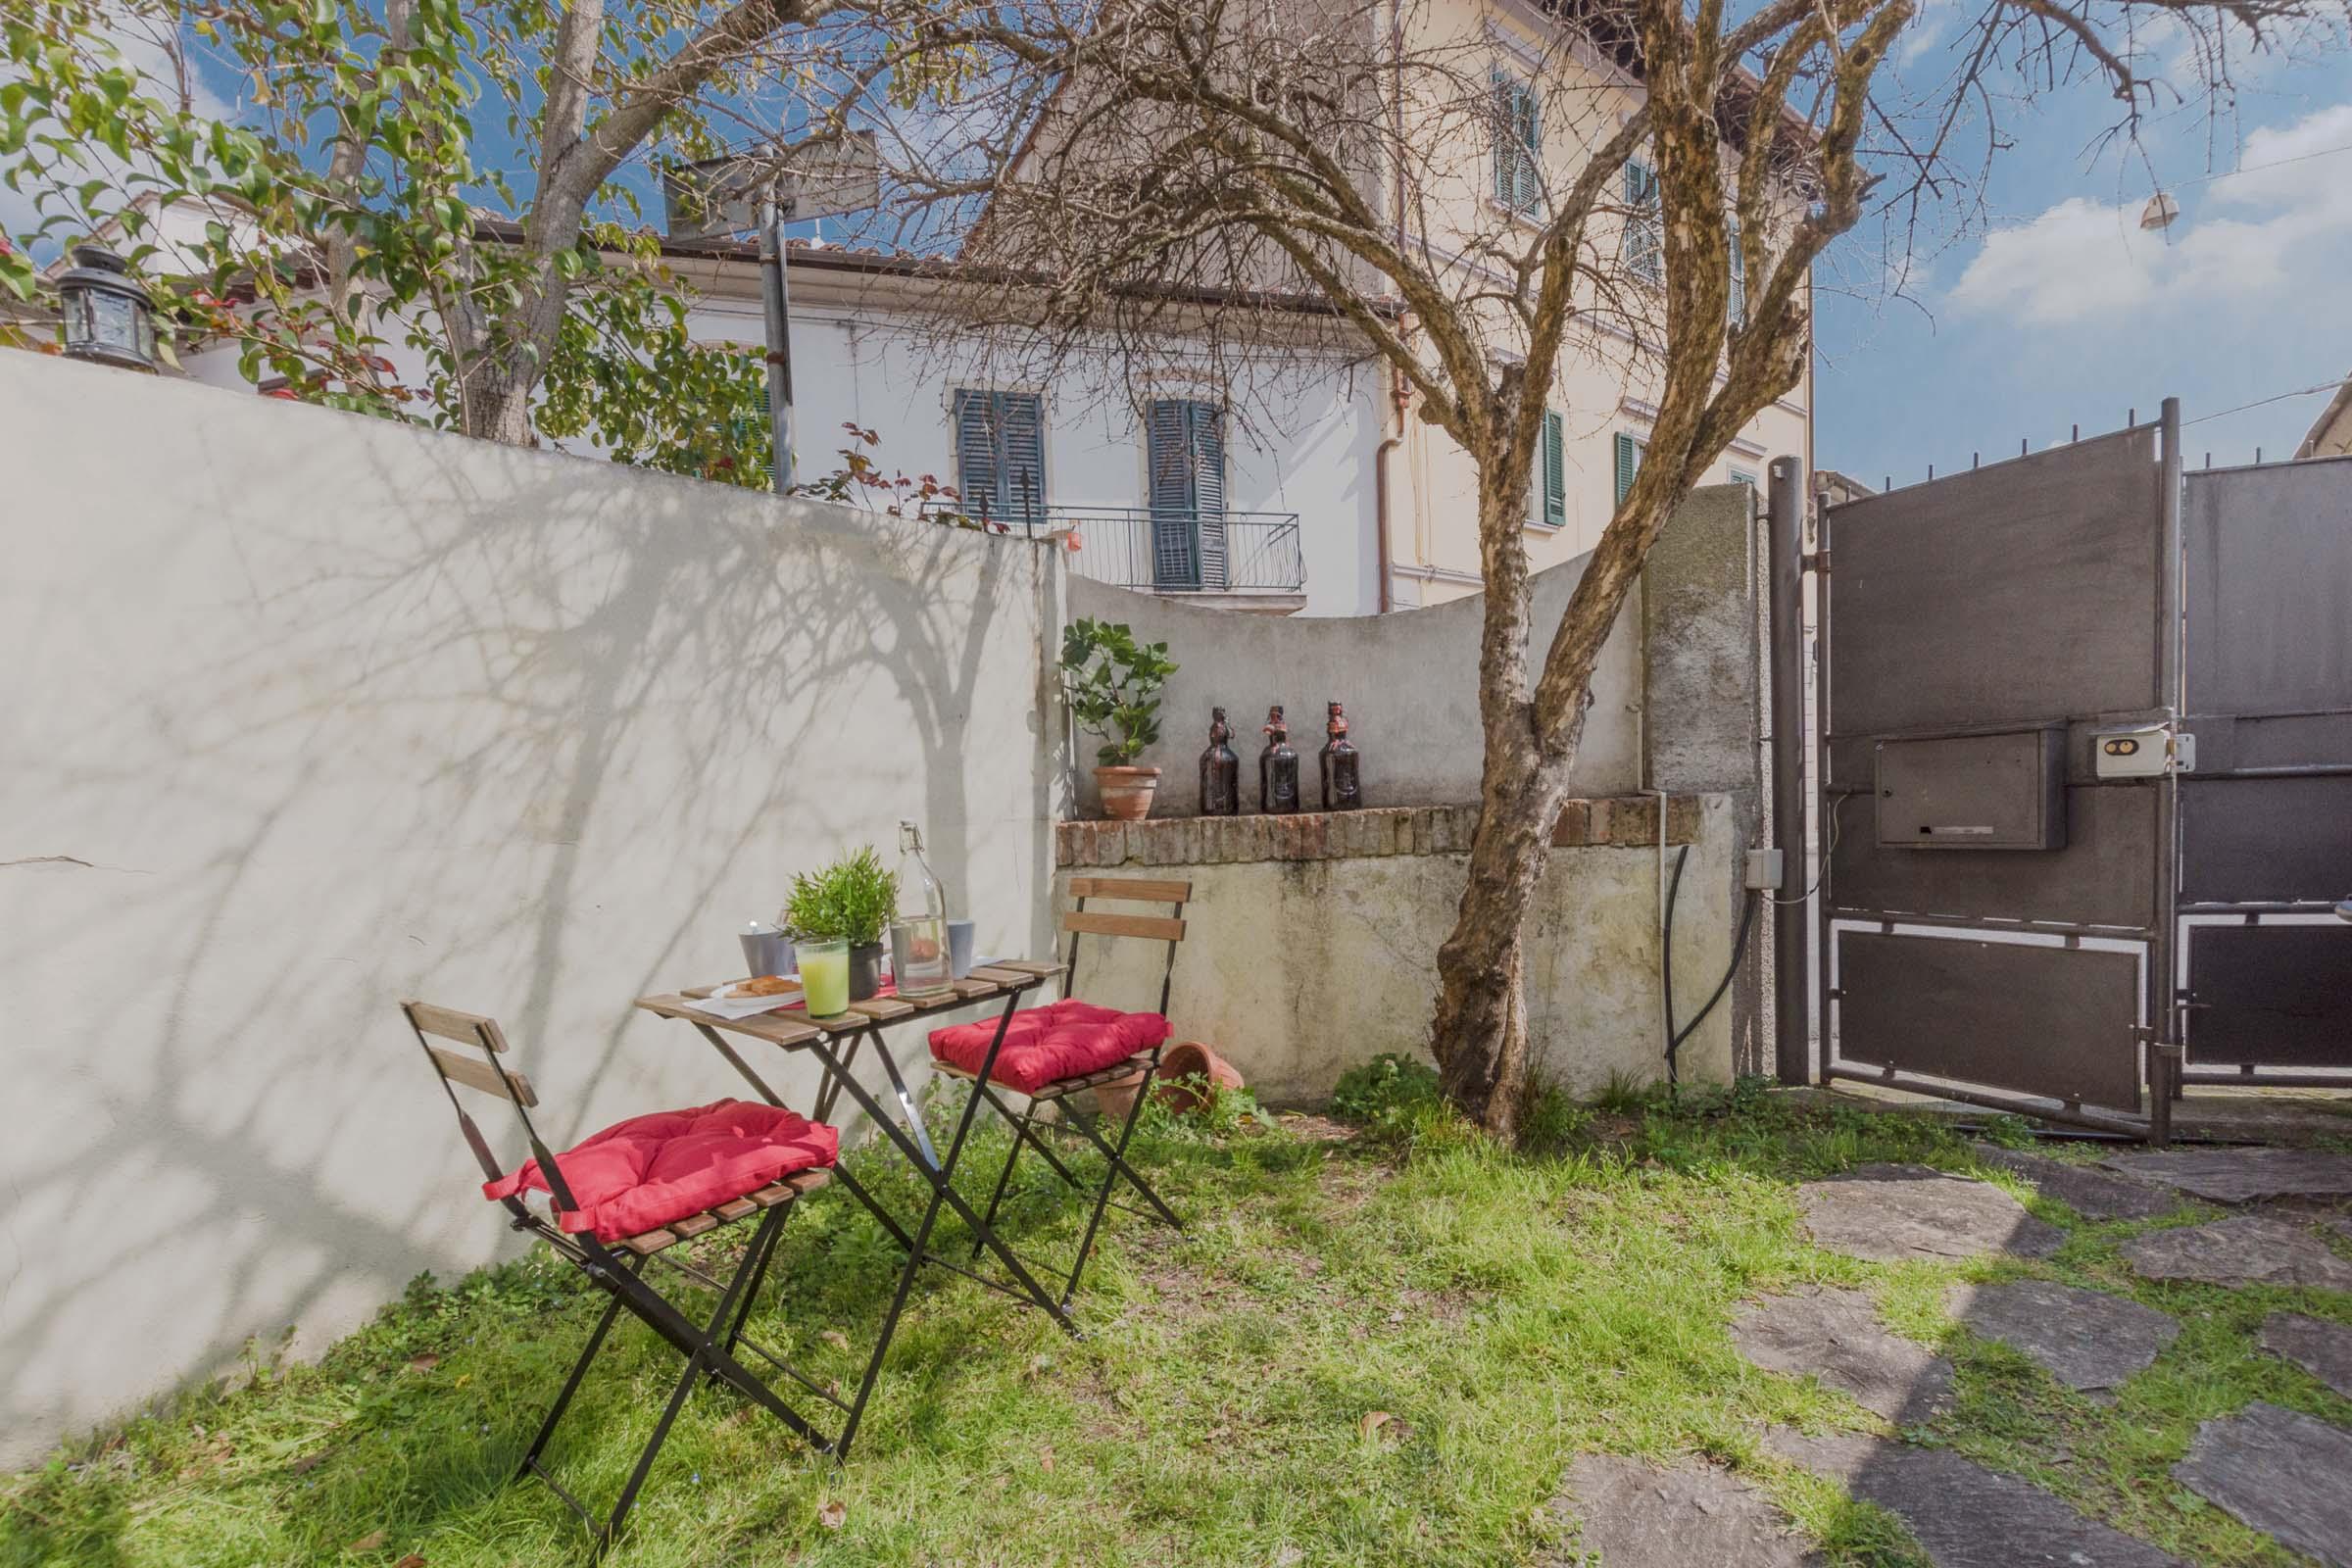 Pop home with garden – Appartamento per brevi periodi in centro a Pisa